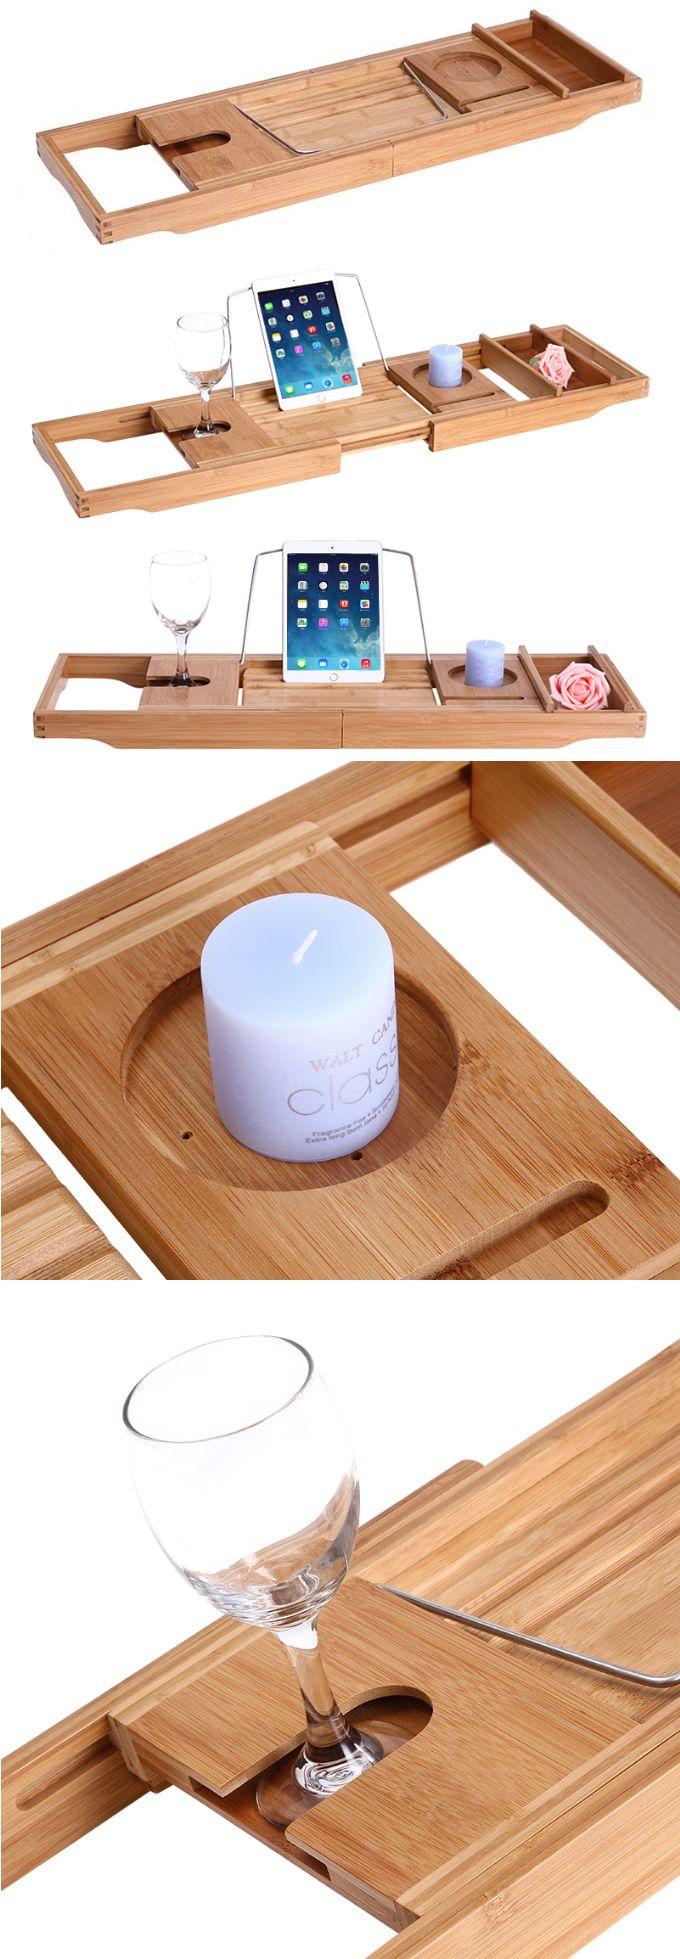 Bamboo Wooden Bathtub Caddy Tray Office Desk Stationery Organizer ...